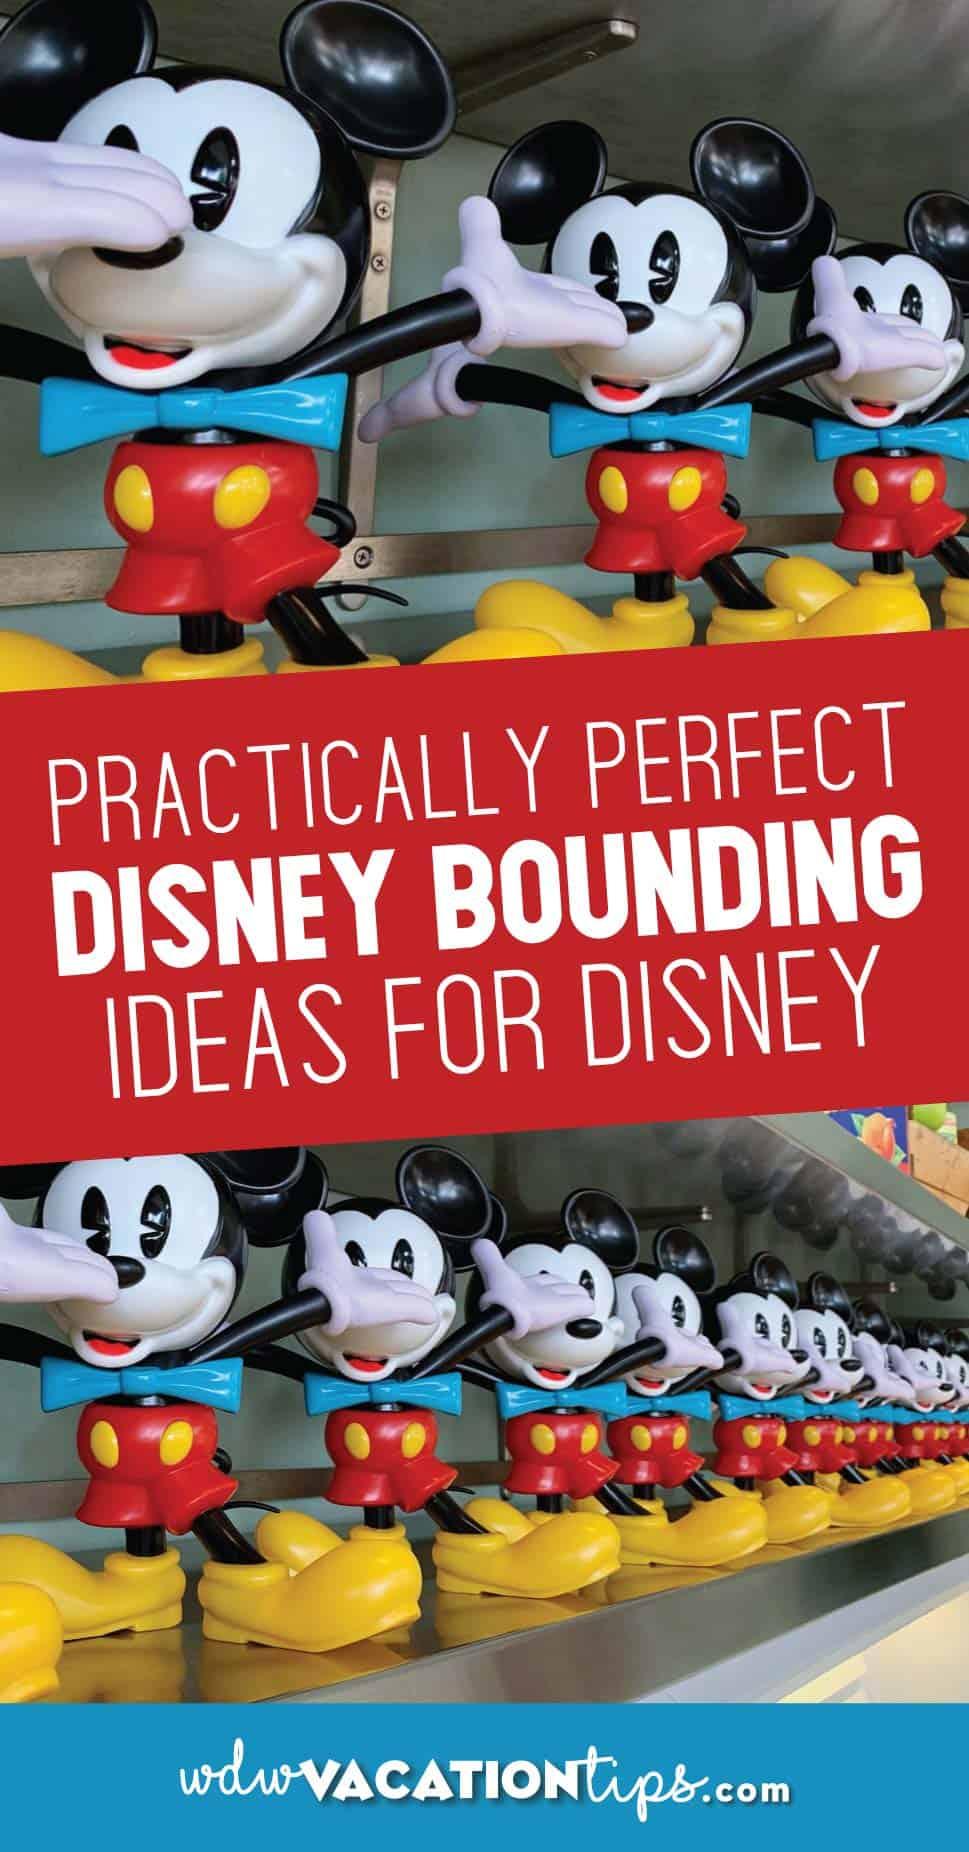 Disney Bounding